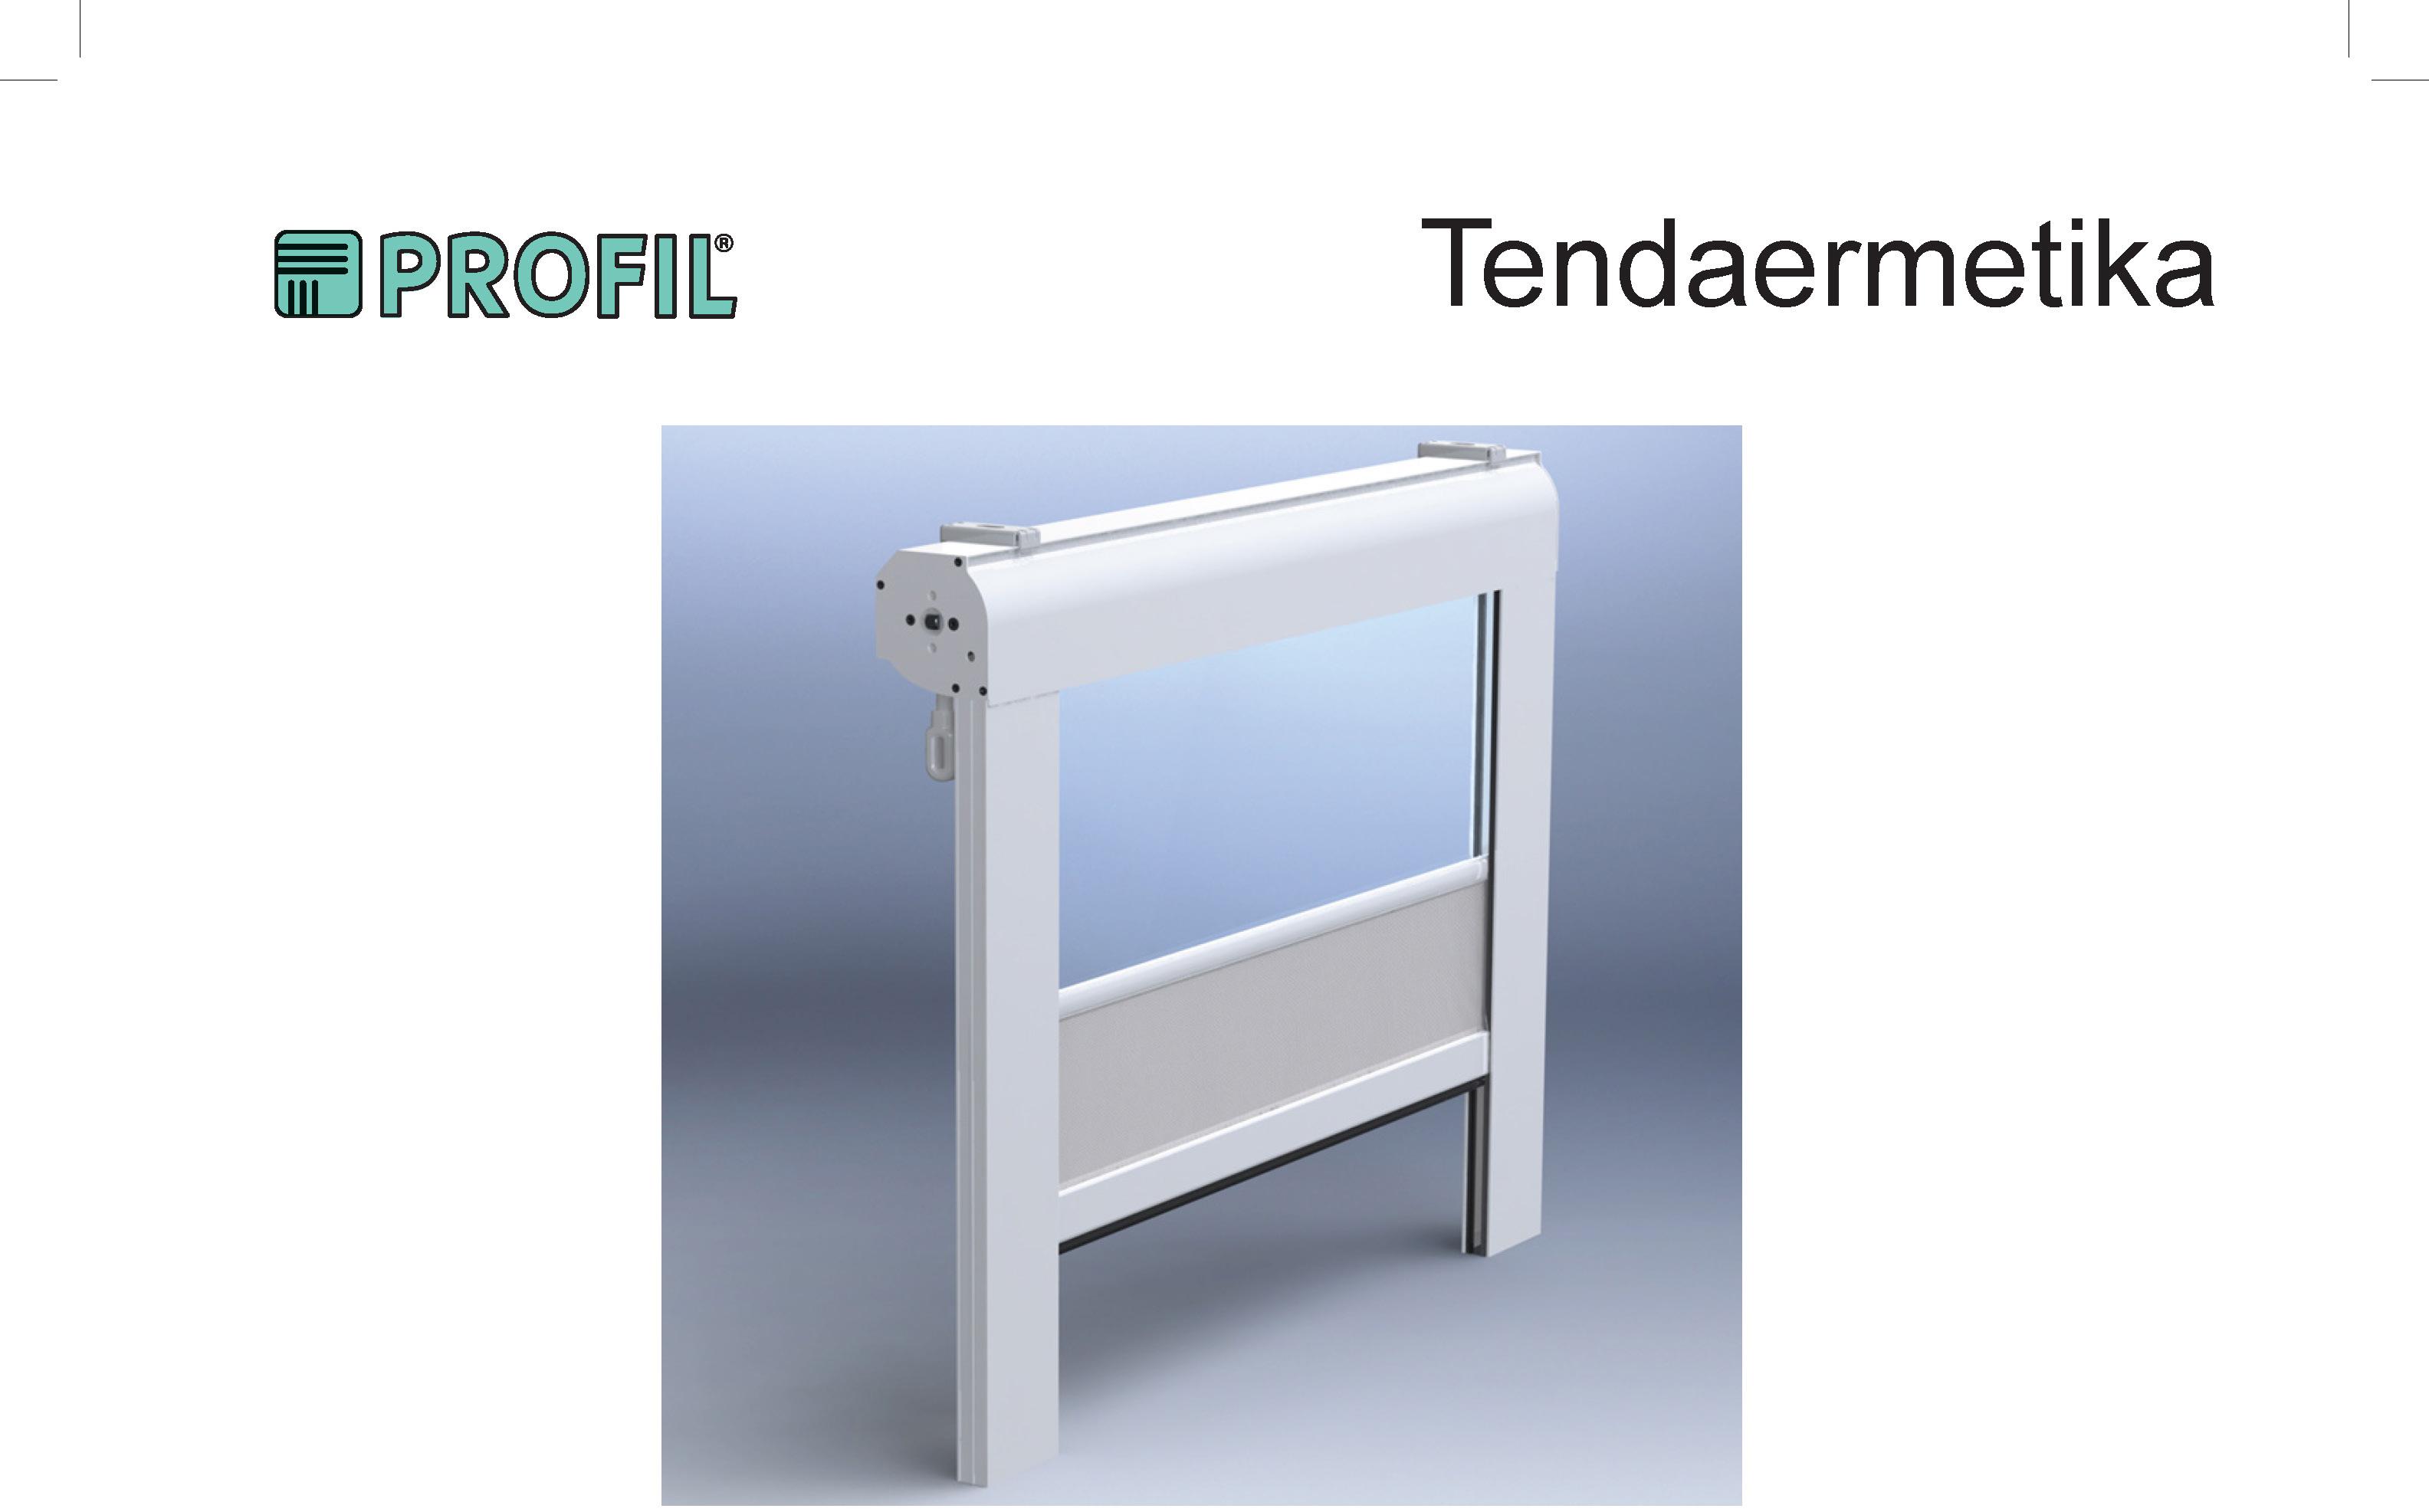 Tendaermetika